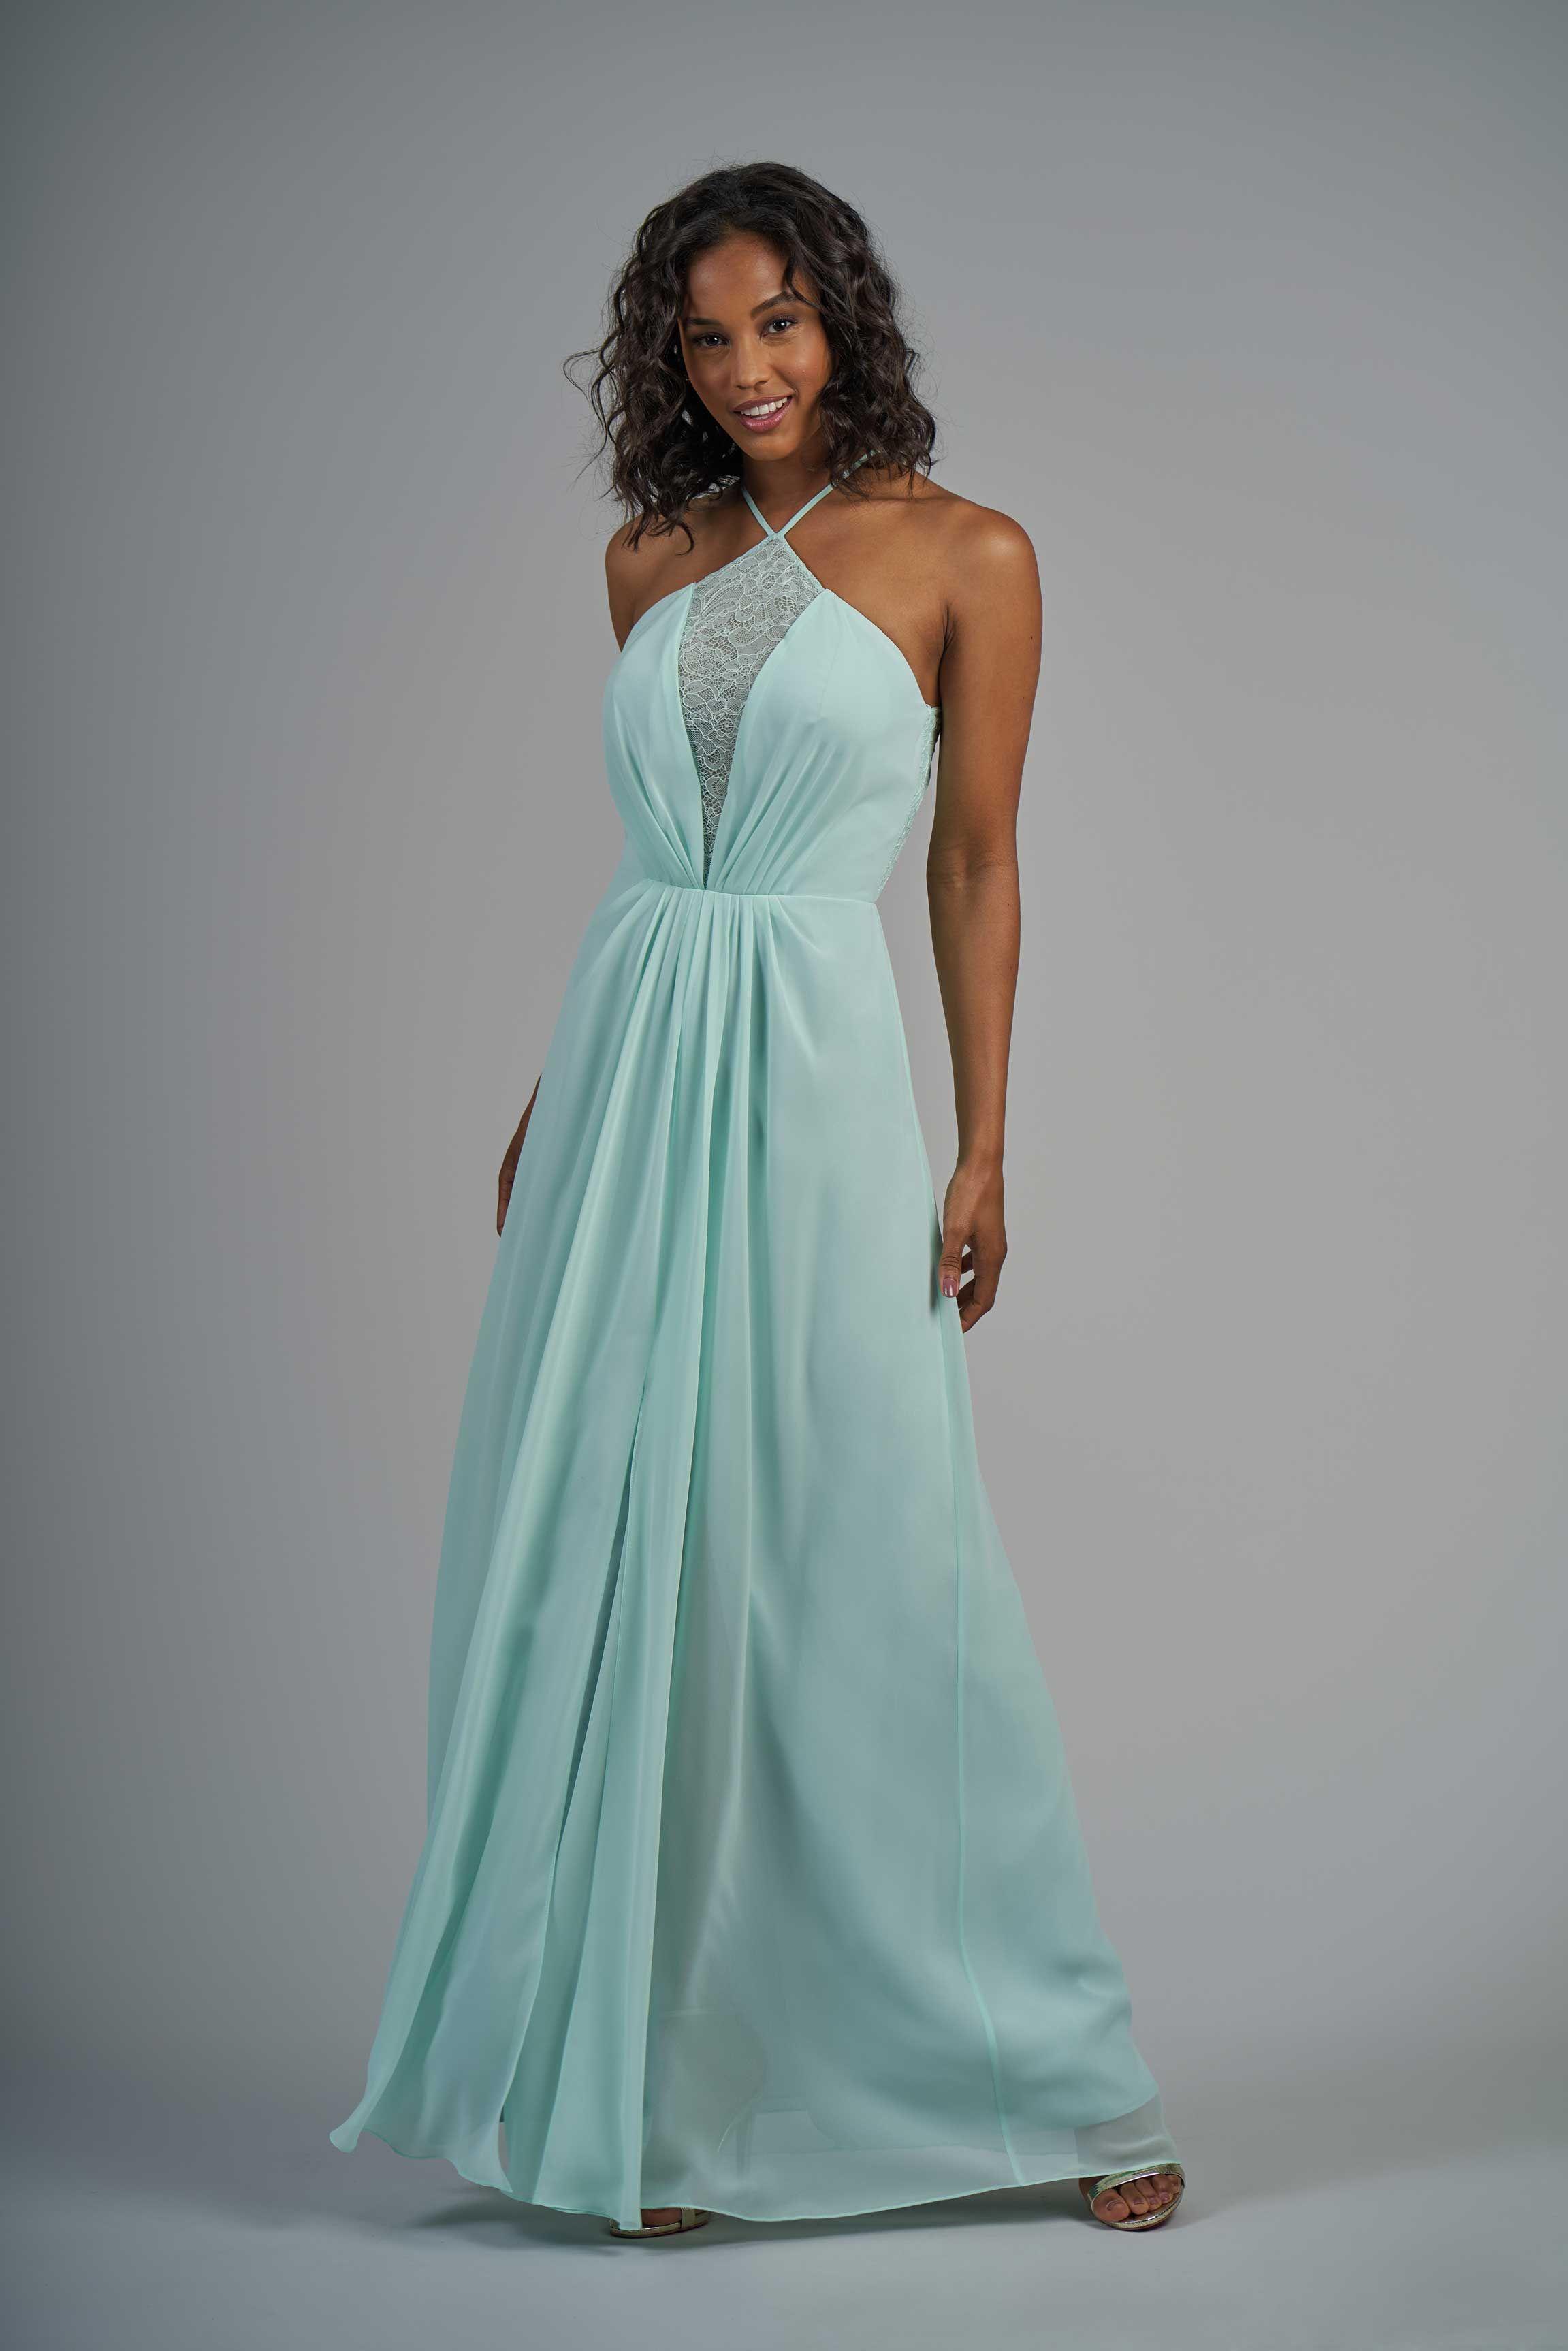 Abendmode Jasmine  Abendkleid B19  Abendkleid